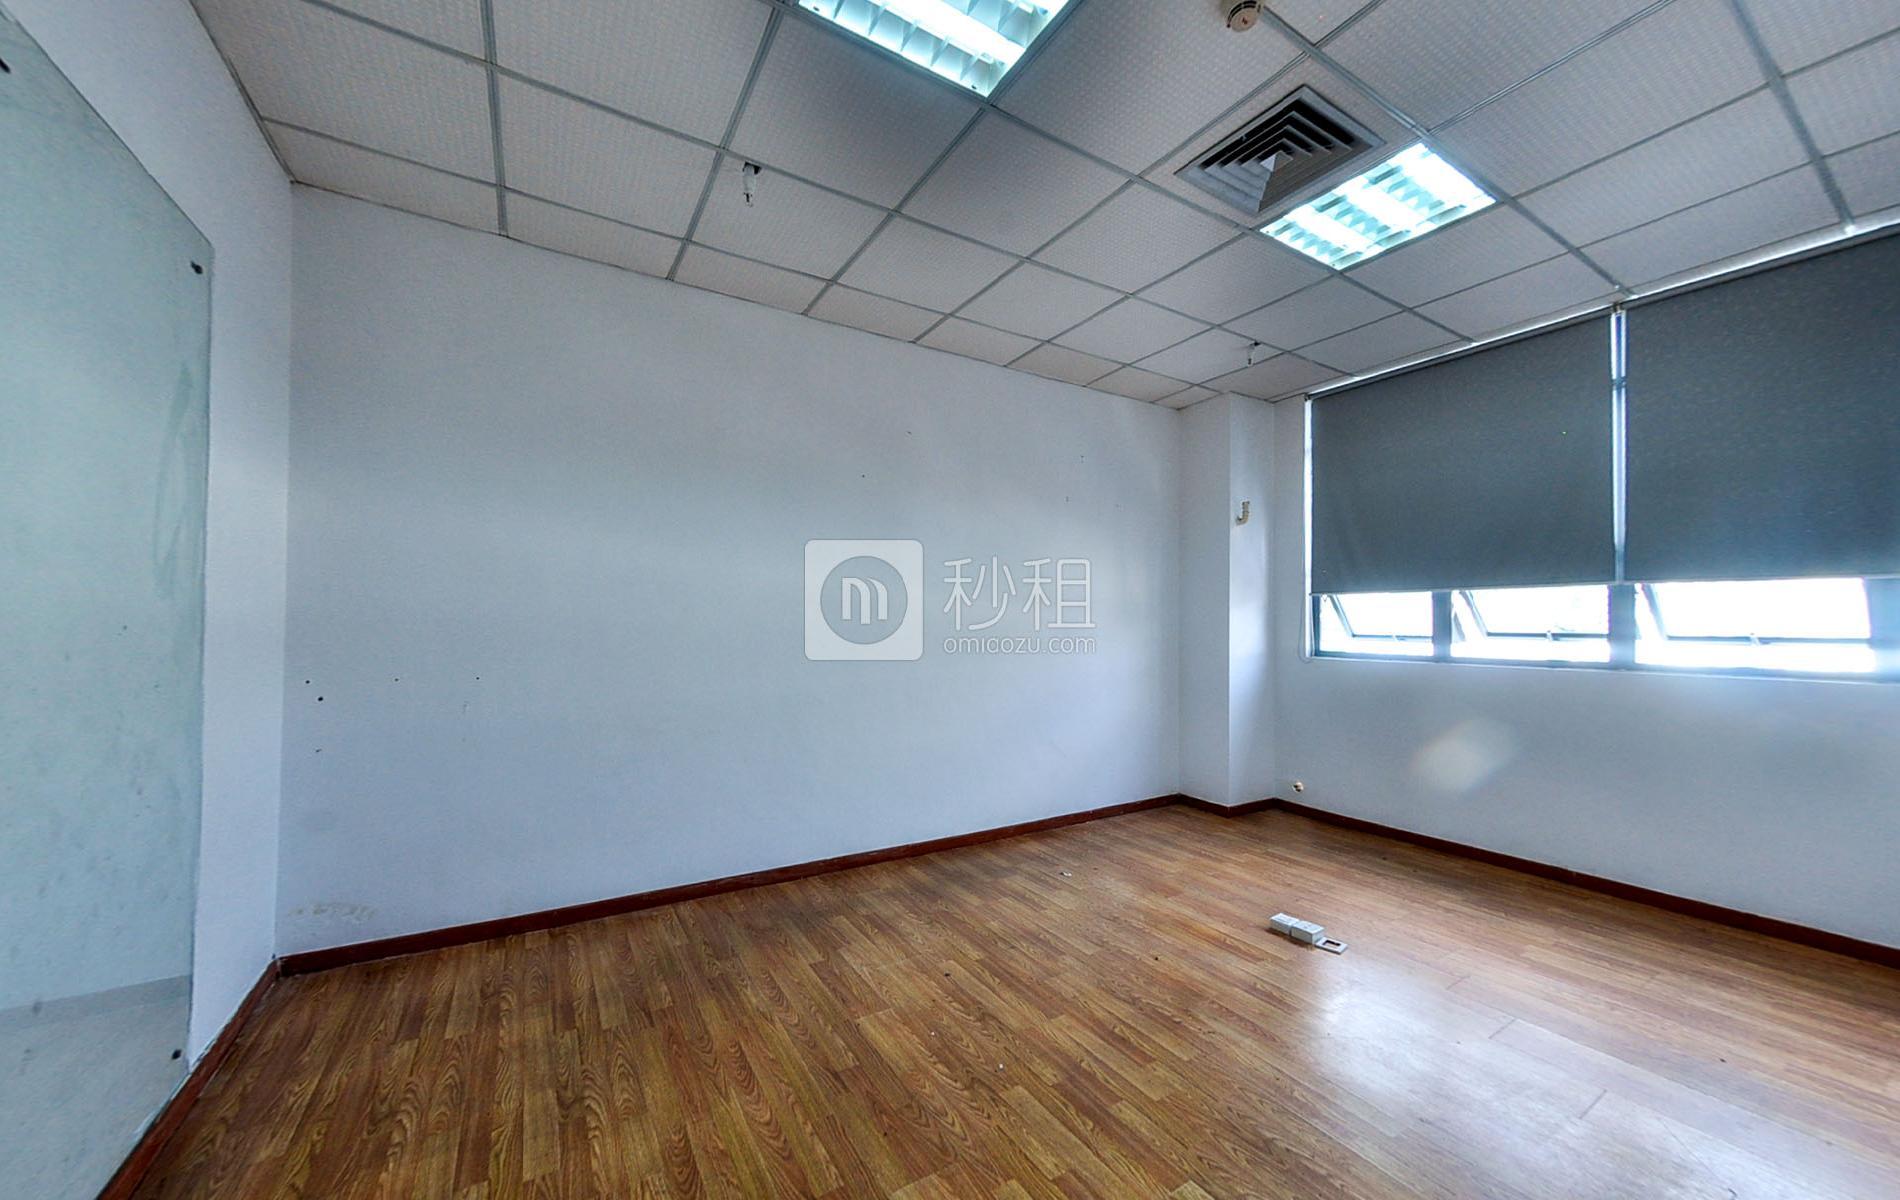 宝运达物流信息大厦写字楼出租138平米精装办公室60元/m².月